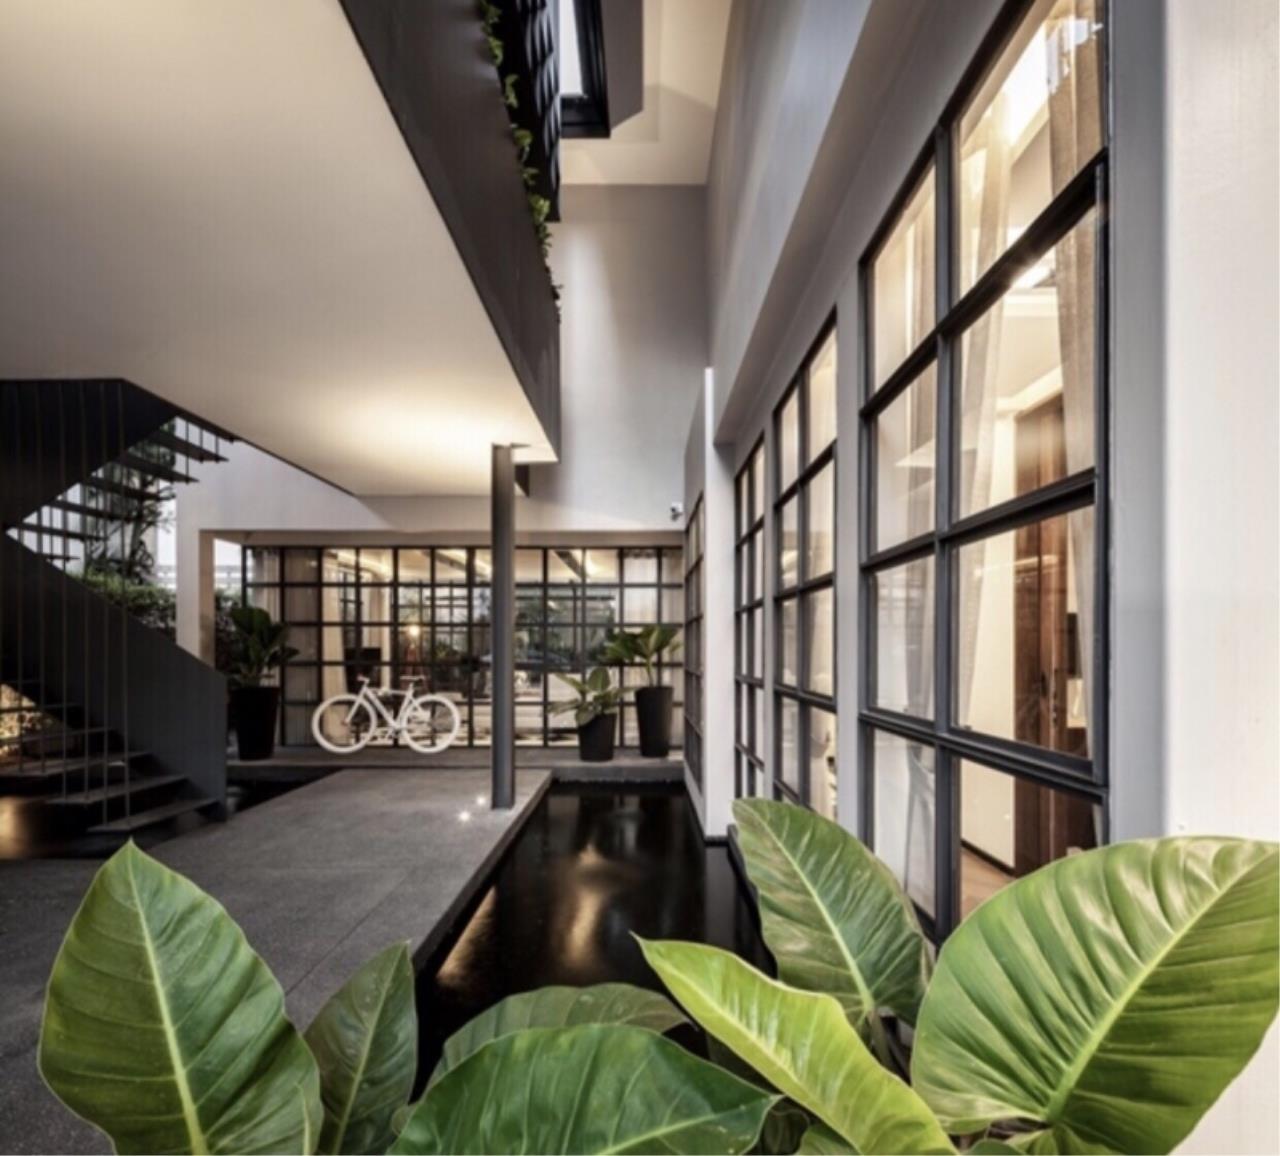 ขาย บ้าน แขวงลาดพร้าว เขตลาดพร้าว กรุงเทพมหานคร, ภาพที่ 5